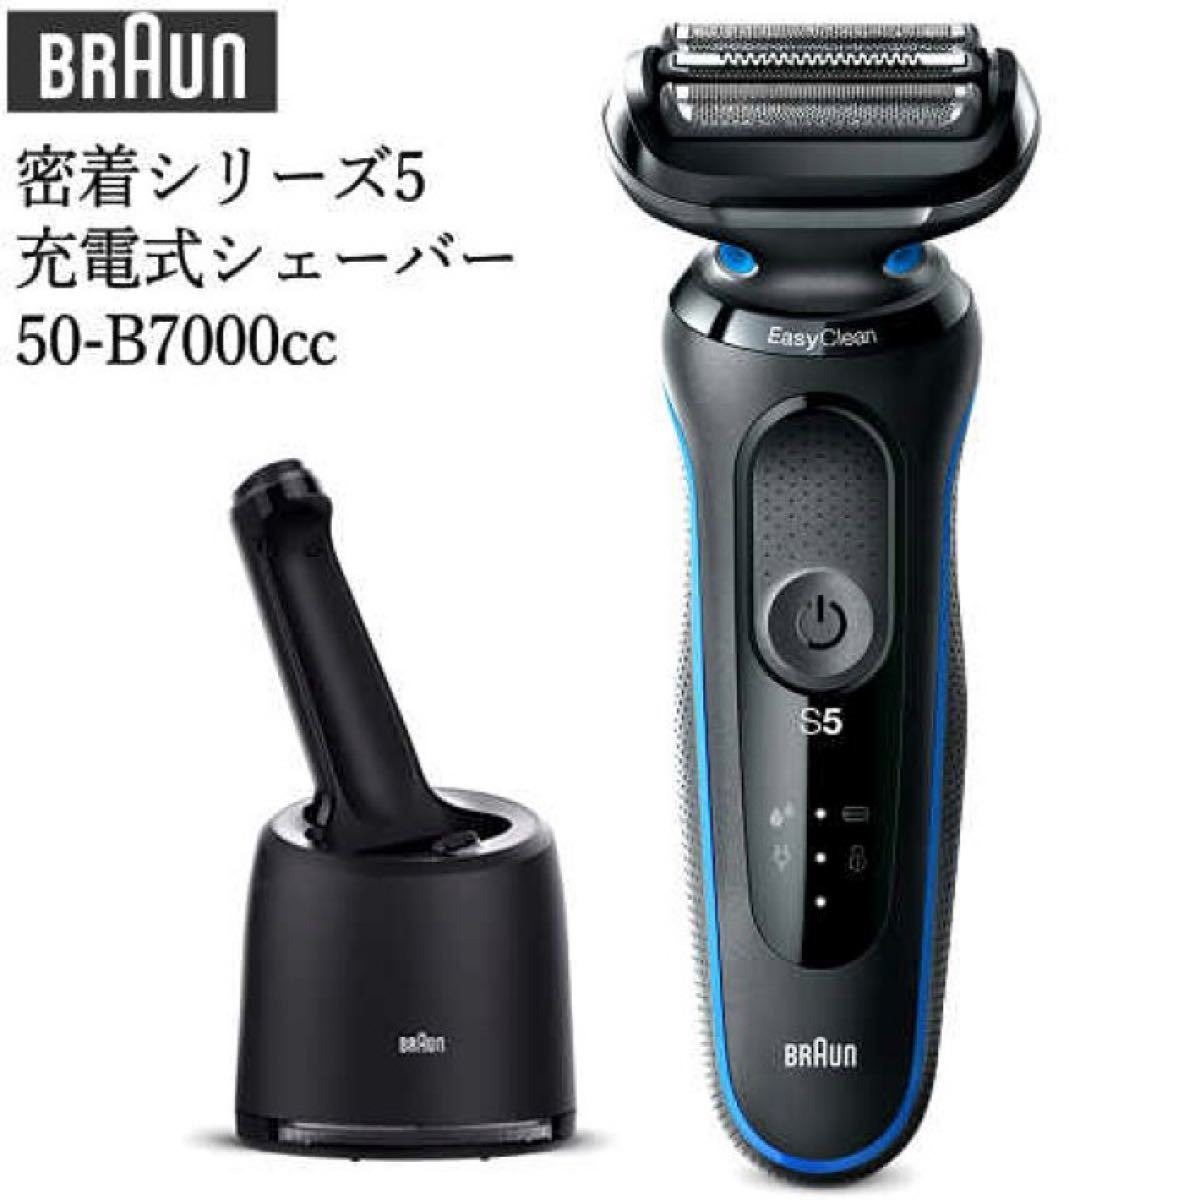 BRAUN ブラウン 電気シェーバー シリーズ5 50-B7000cc 髭剃り フィリップス パナソニック PHILIPS